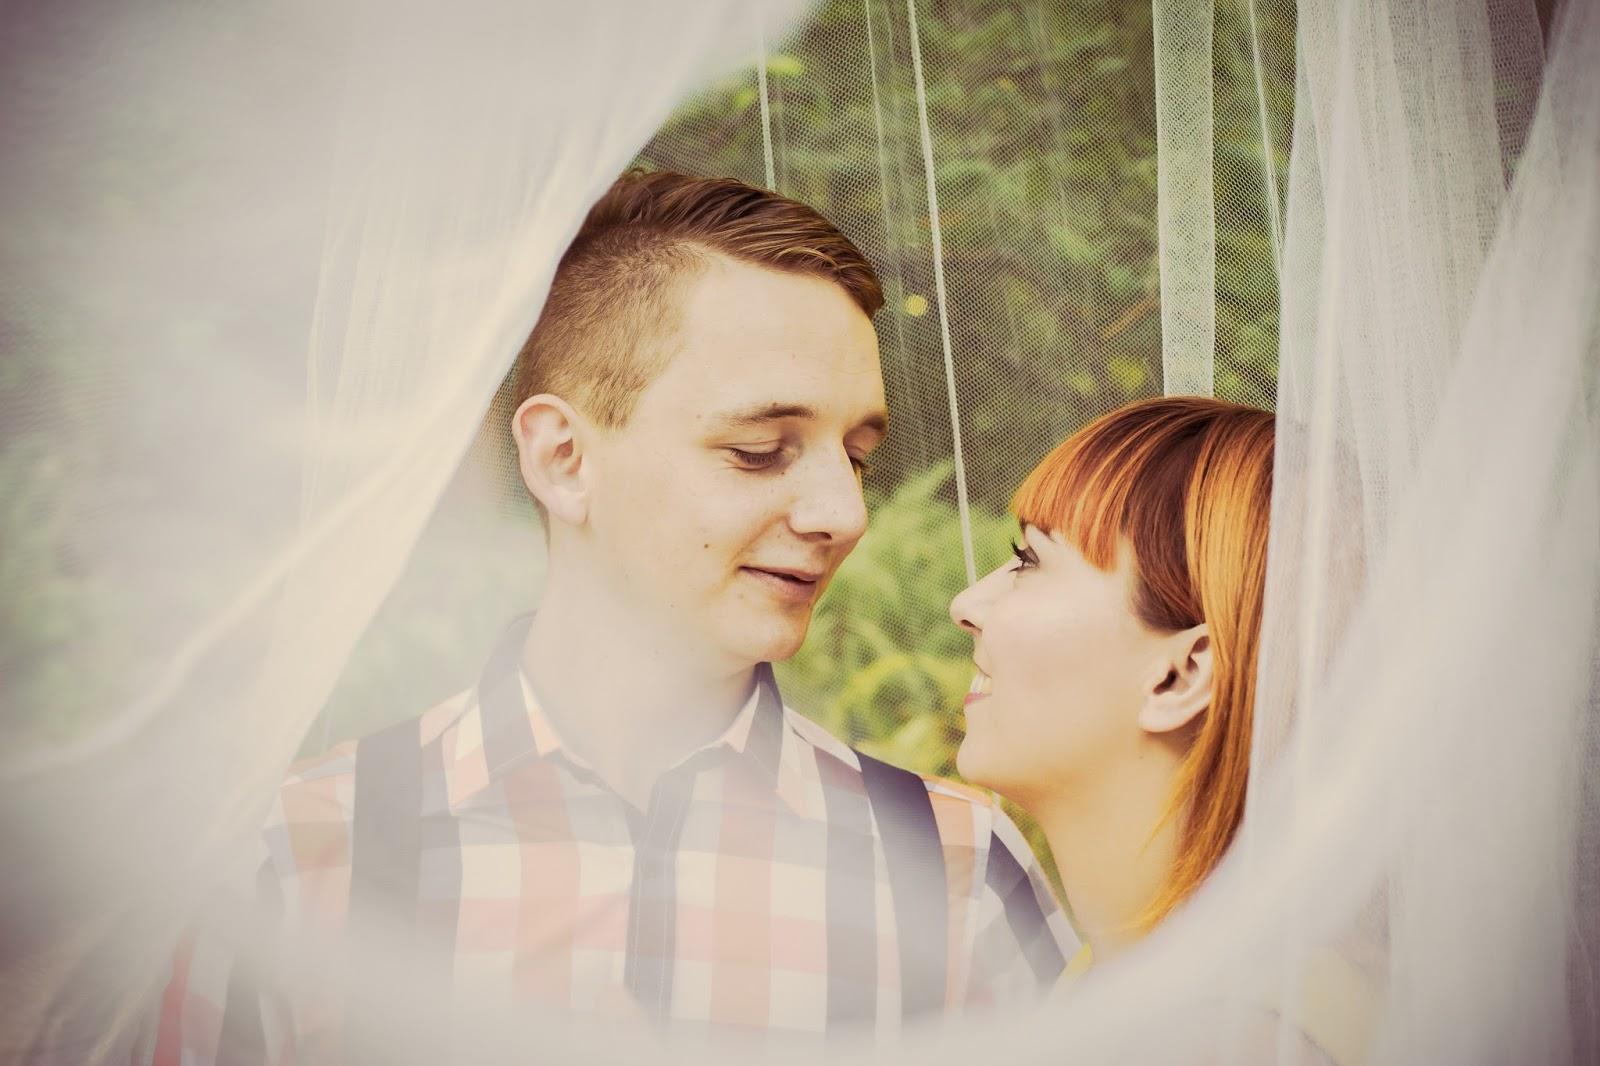 Jaki jest średni czas randki przed zaręczynami